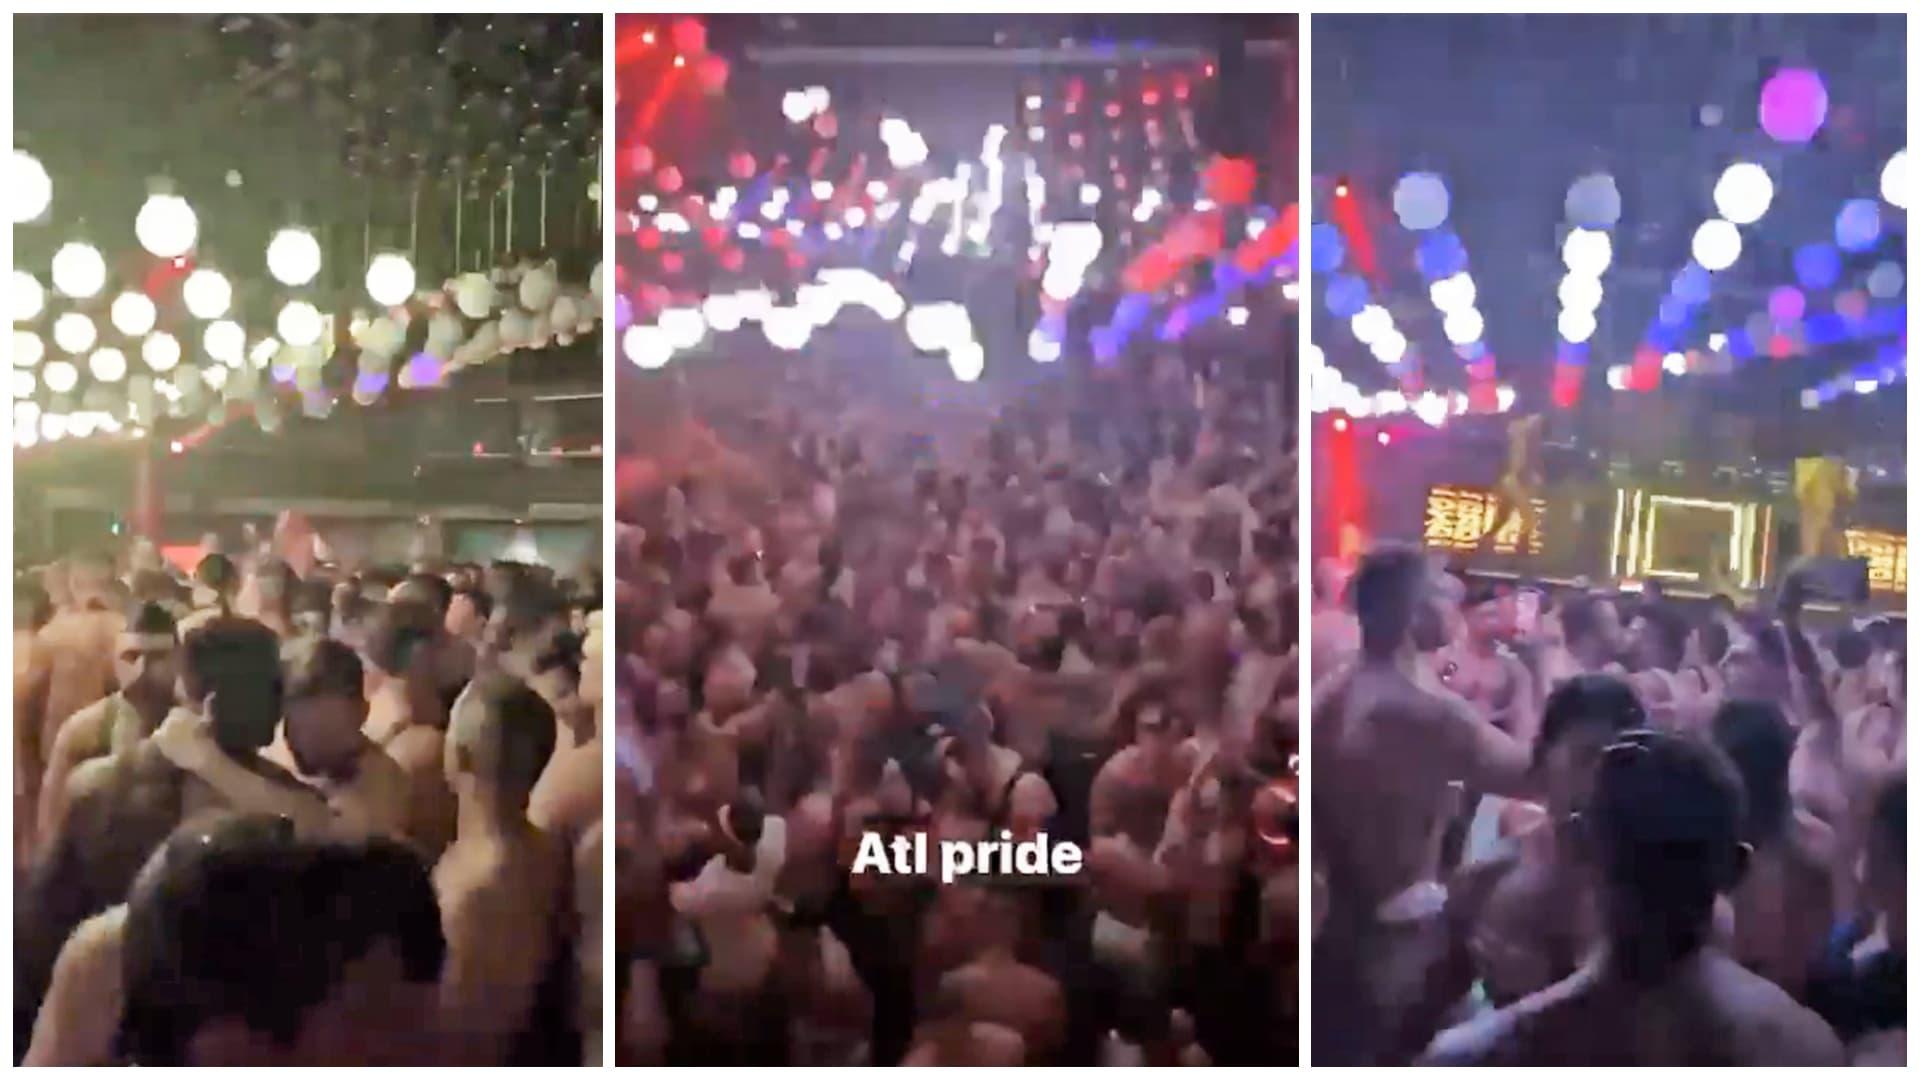 atlanta, pride, party, death, man, covid